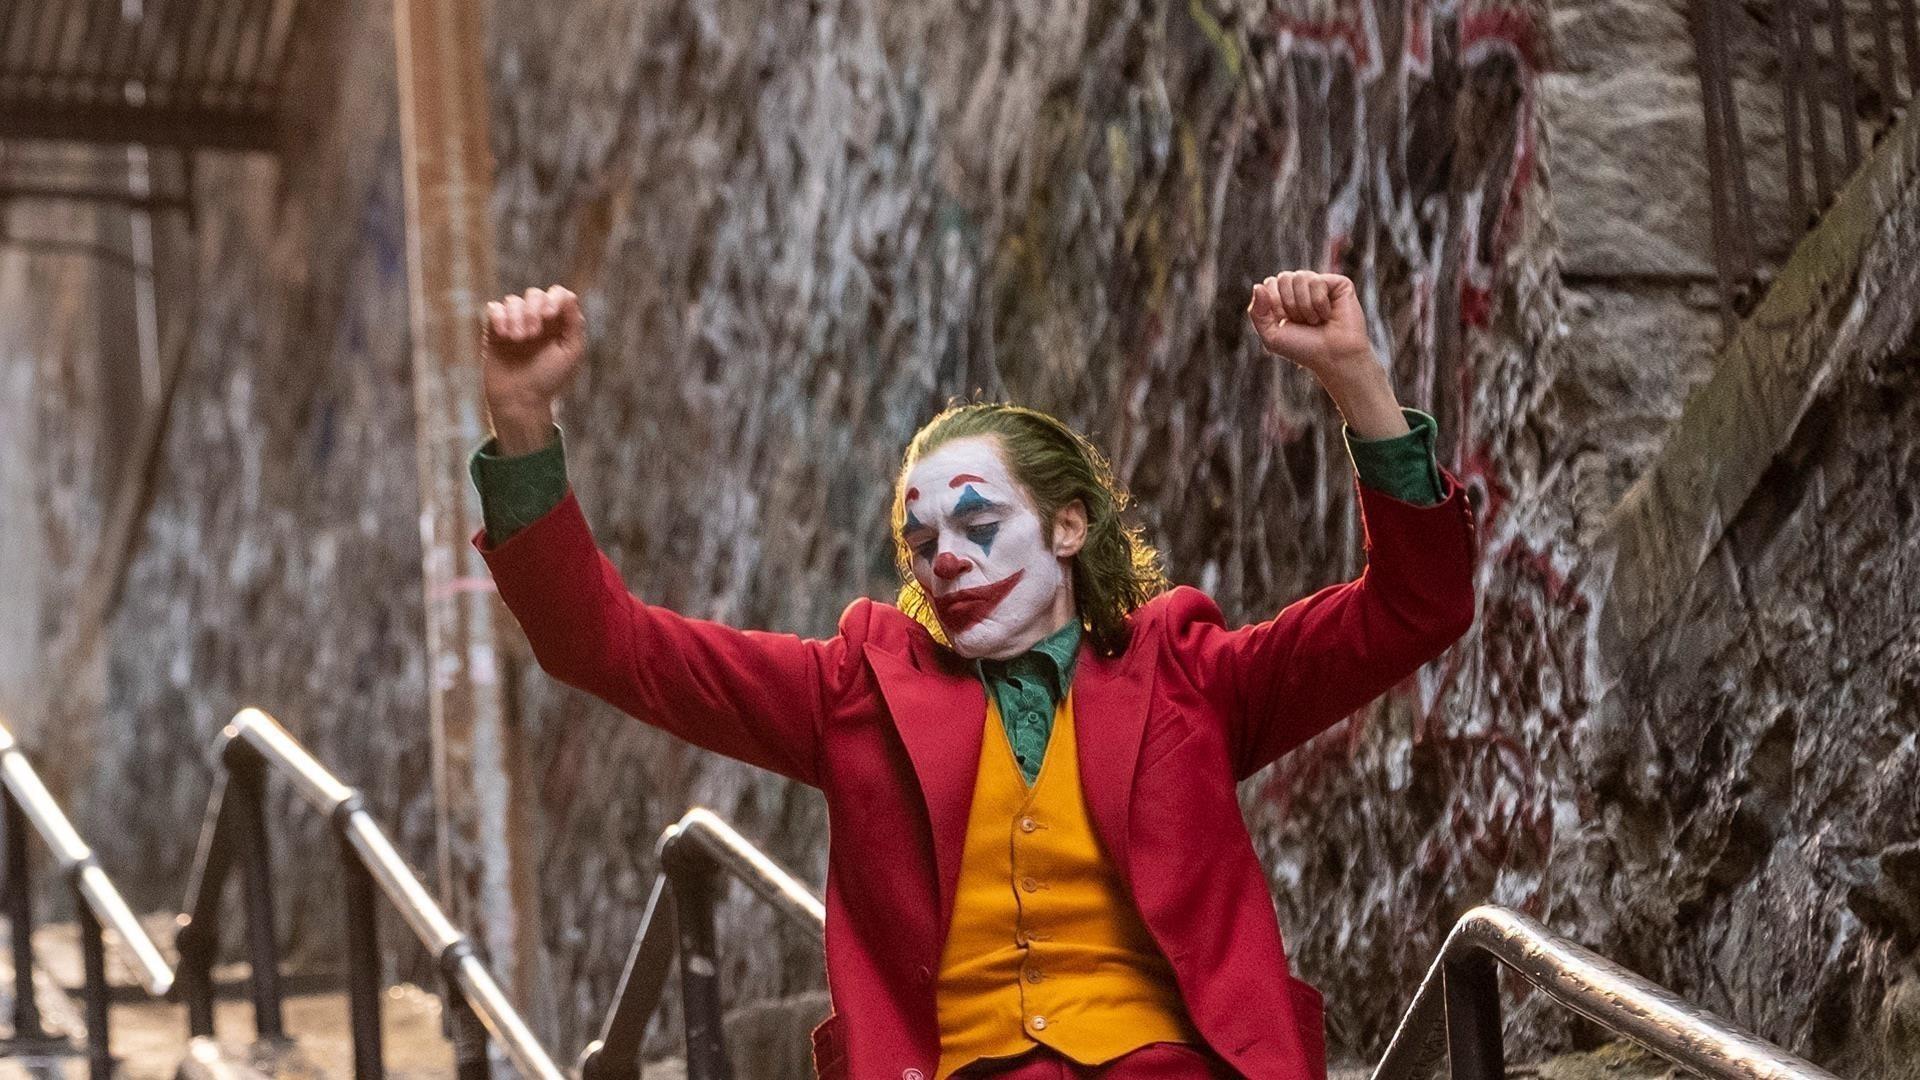 Хоакин Феникс в роли Джокера обои скачать